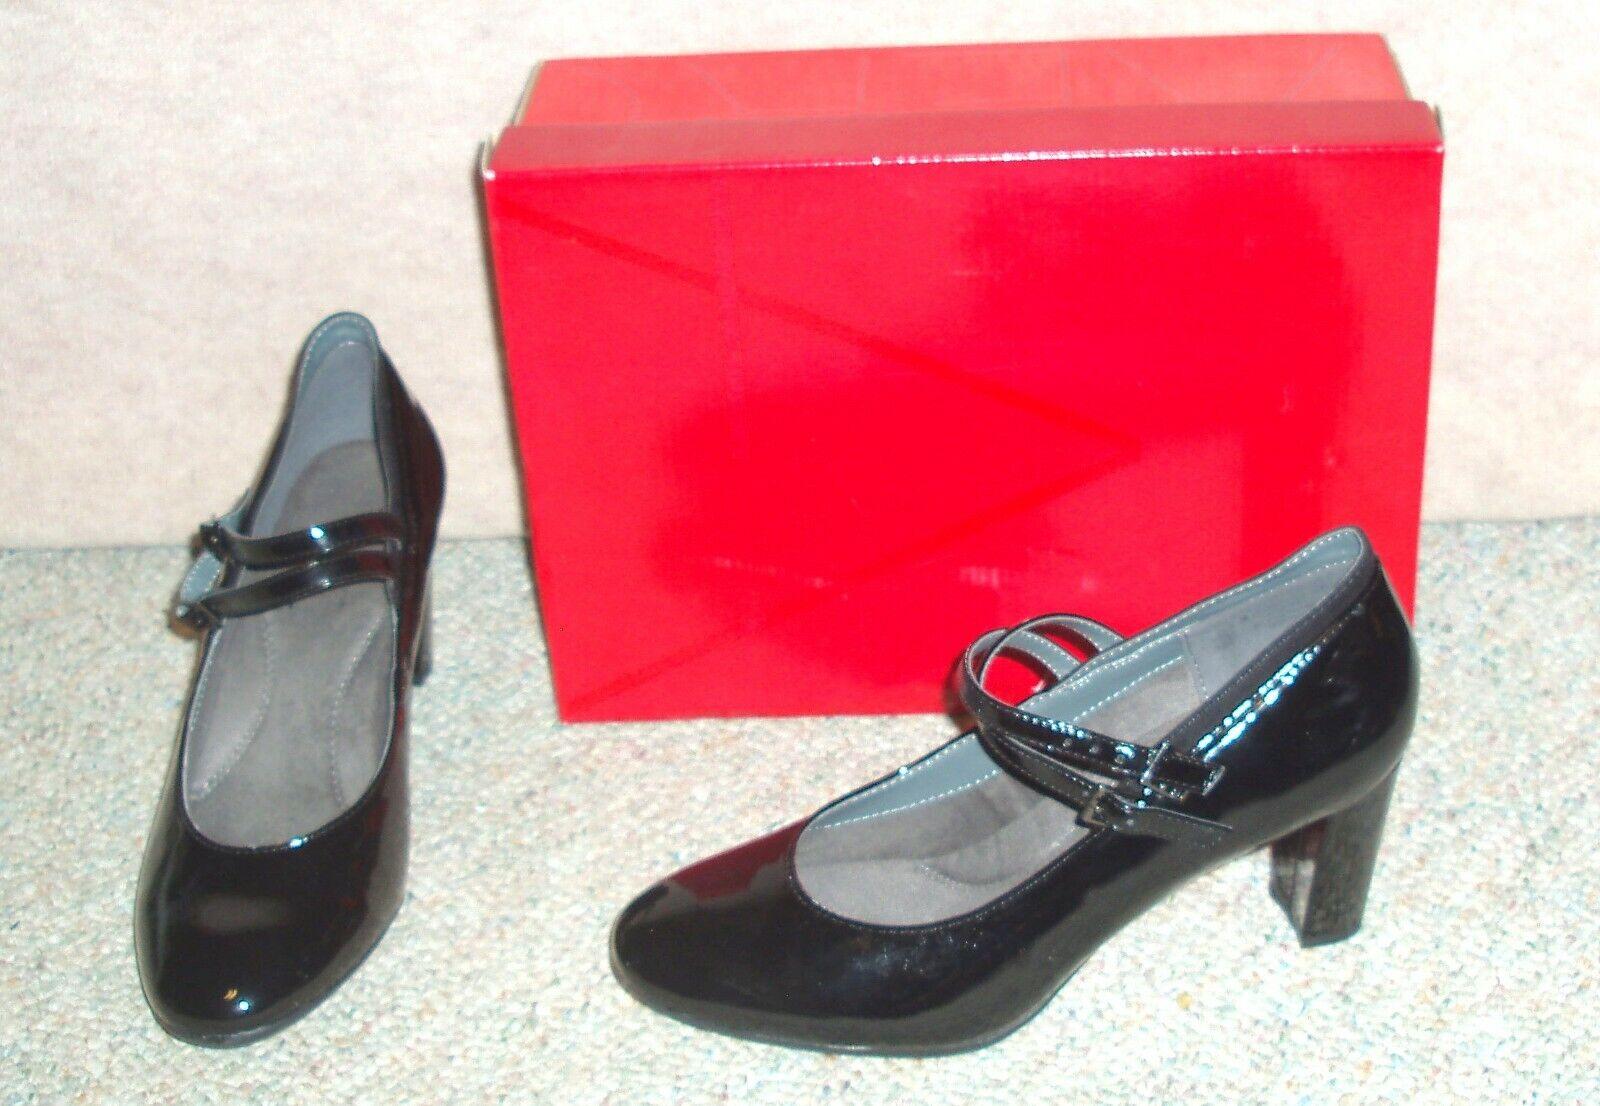 Women's AEROSOLES Broadway Ave Black Combo 820 pumps / shoes , size 8.5 M